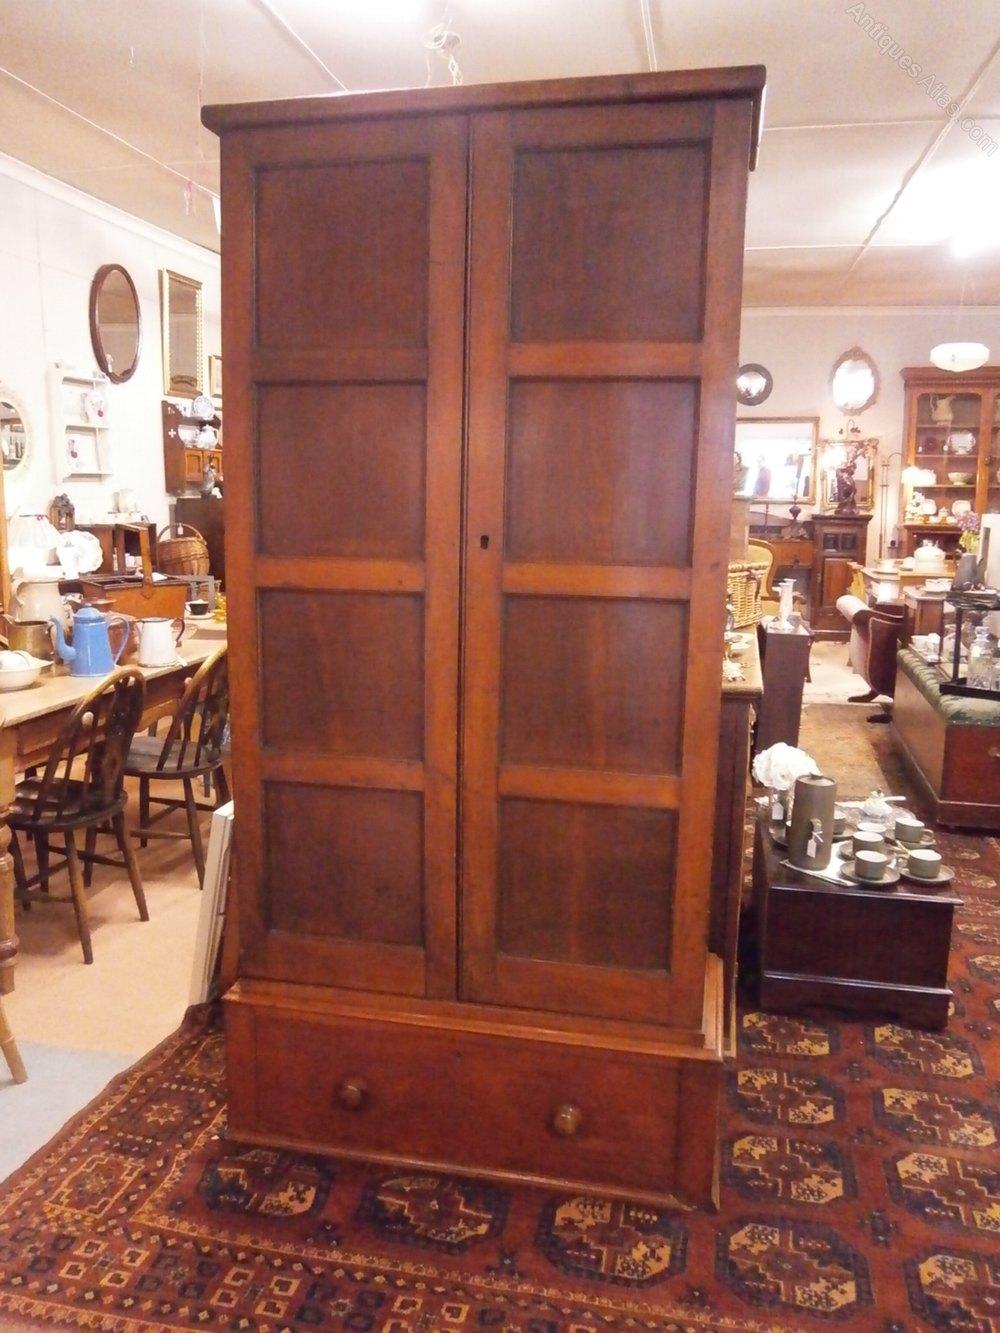 Edwardian Oak Kitchen Larder Cupboard Antique ... - Edwardian Oak Kitchen Larder Cupboard - Antiques Atlas